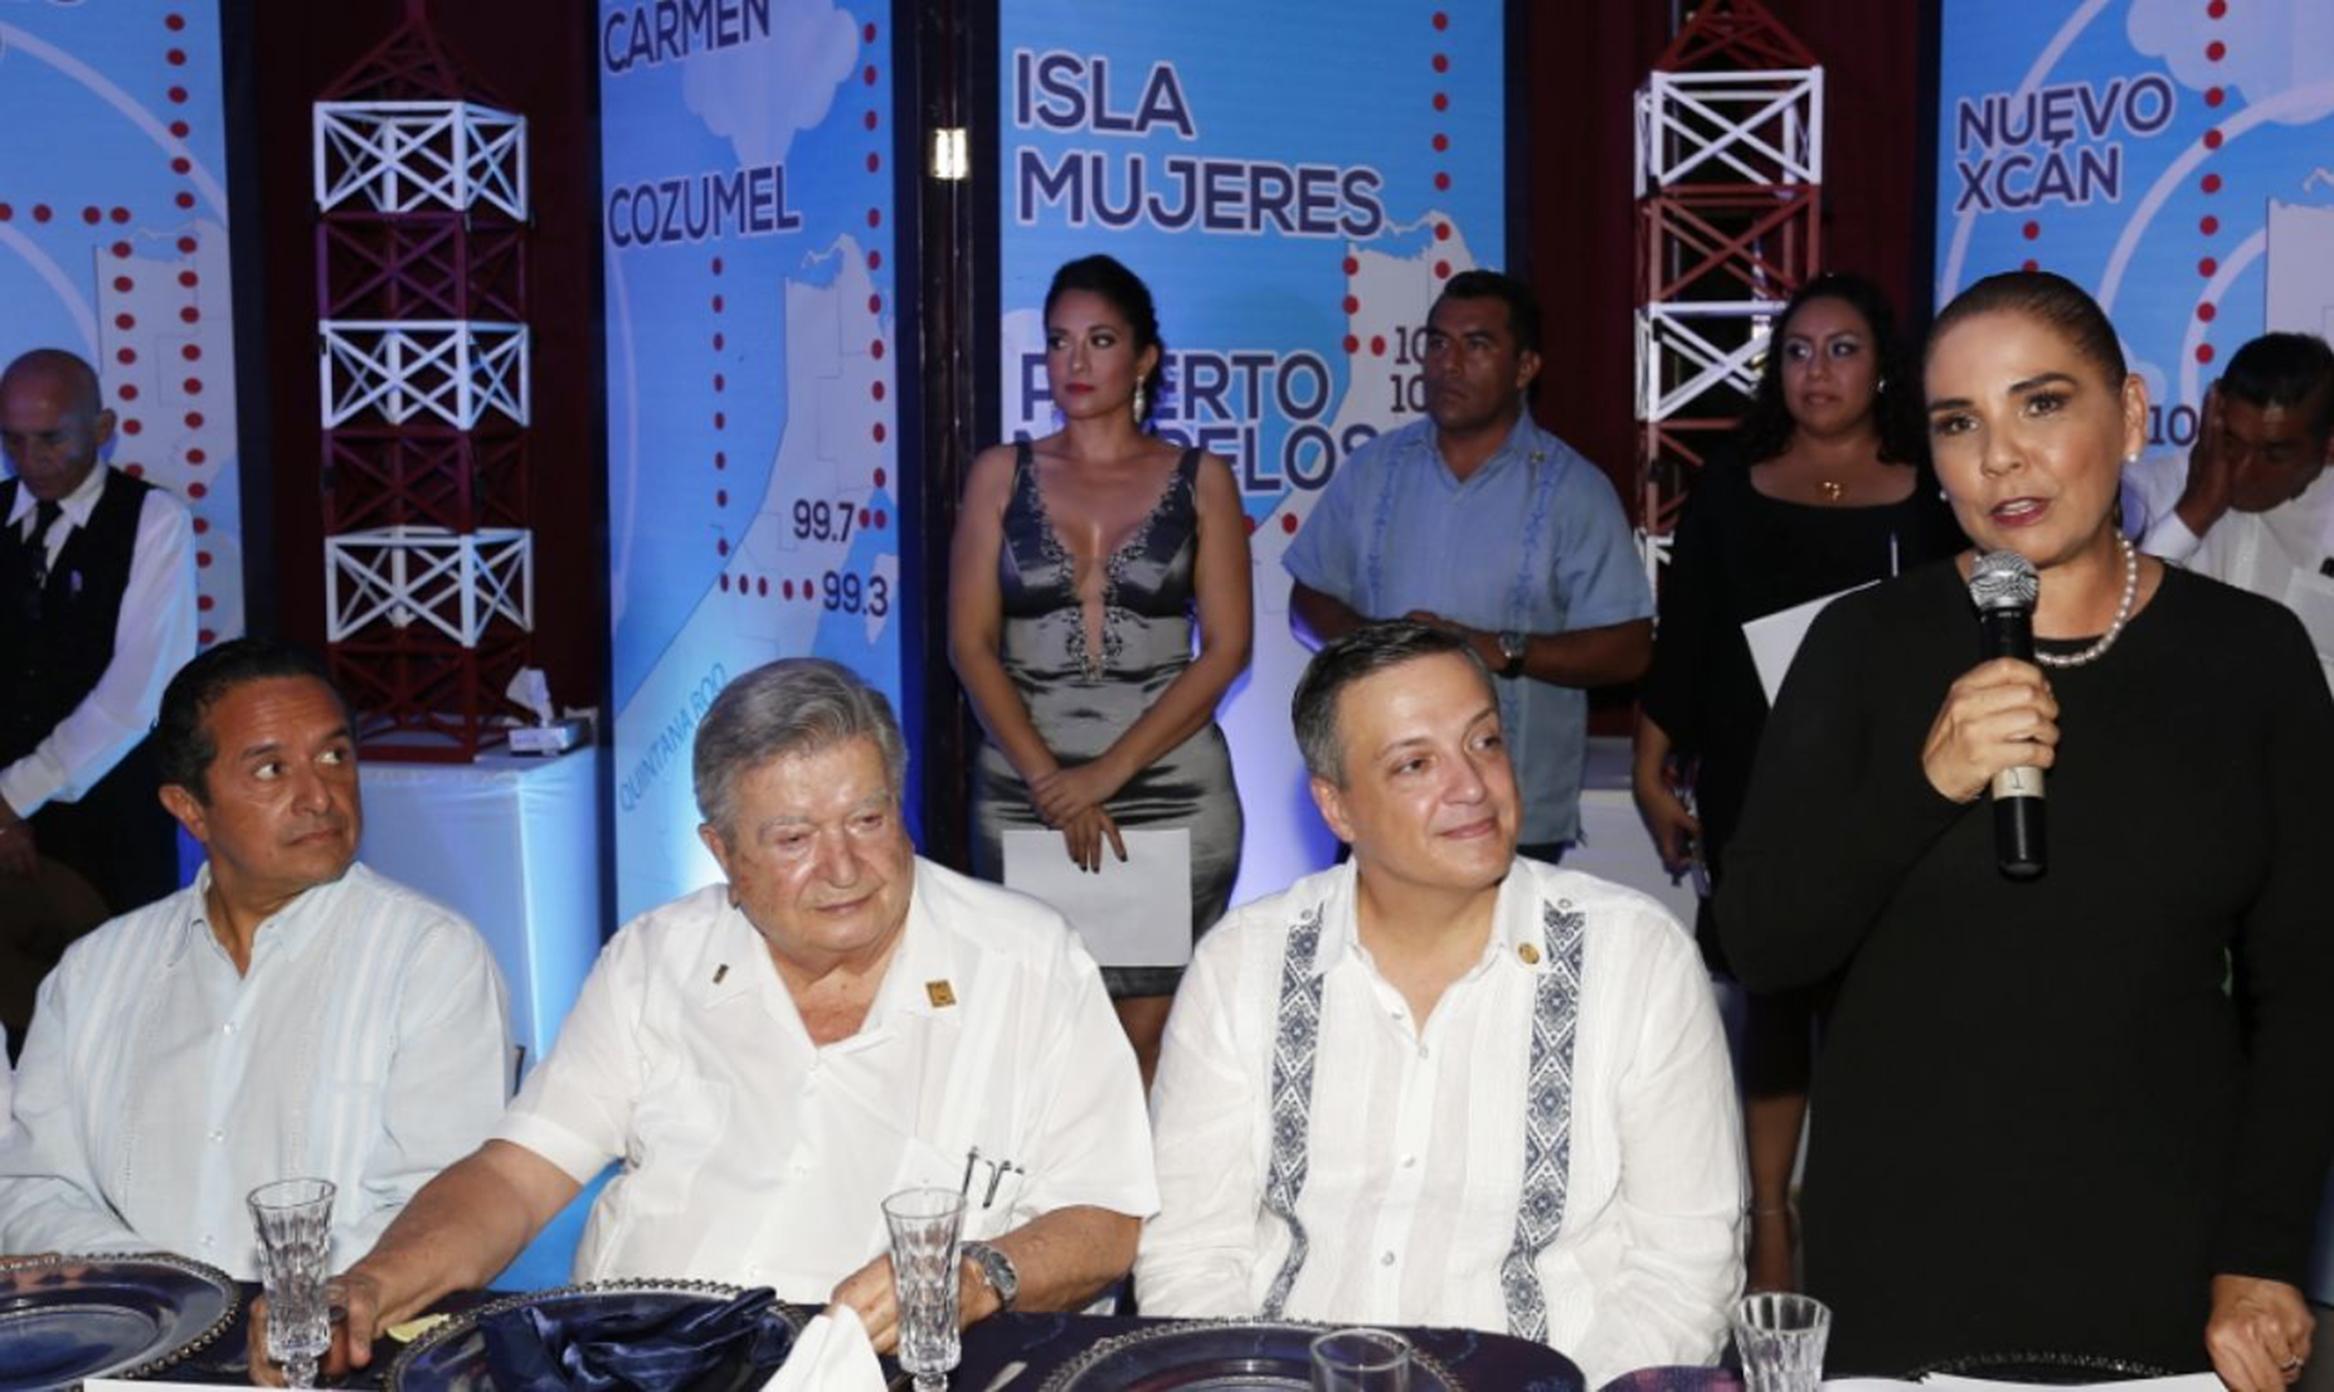 Se reúnen políticos en torno a Gastón Alegre en aniversario de Radio Turquesa